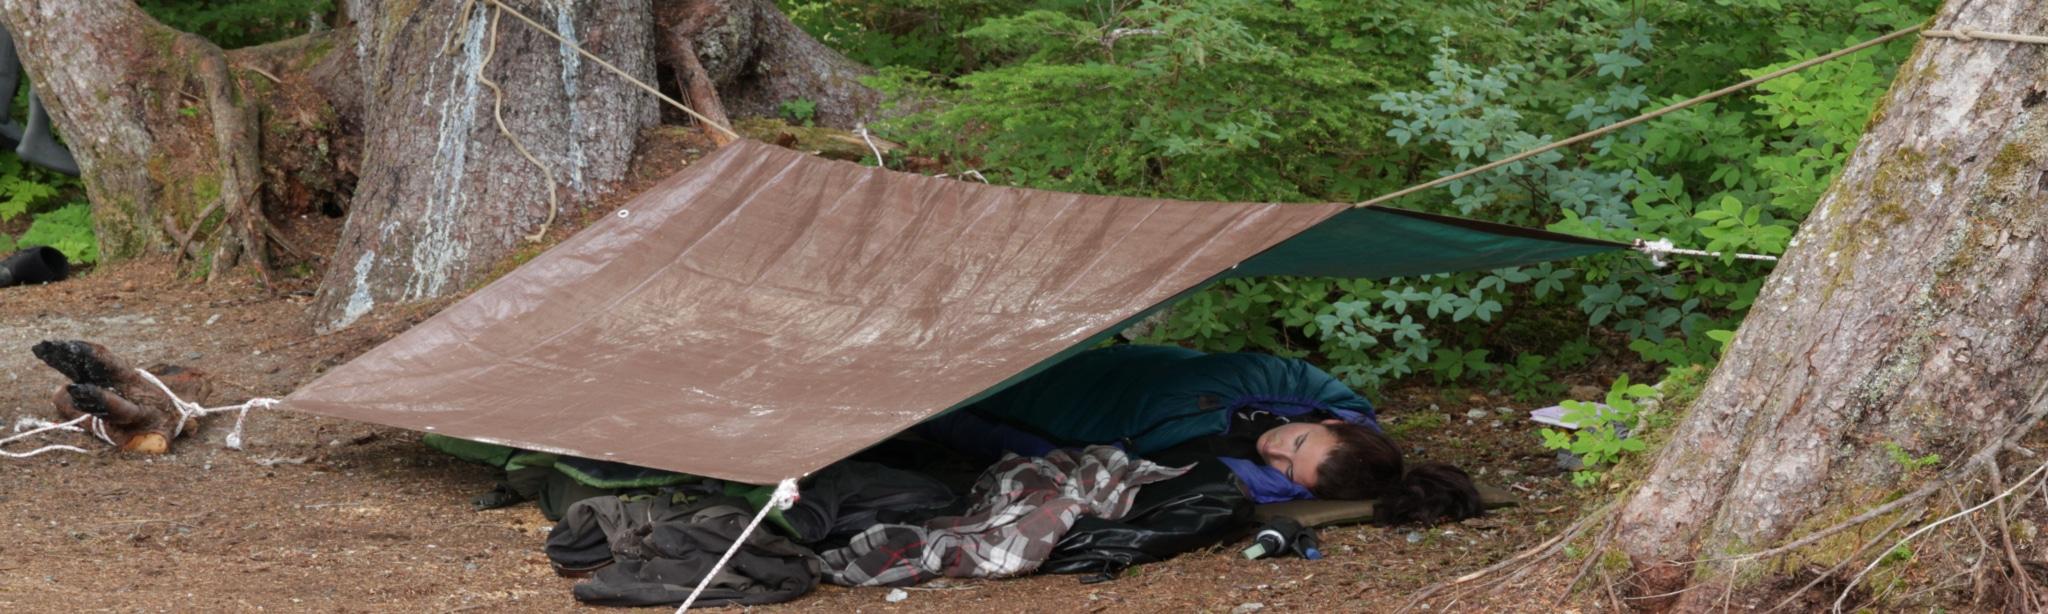 Raus in die Wildnis: draußen schlafen